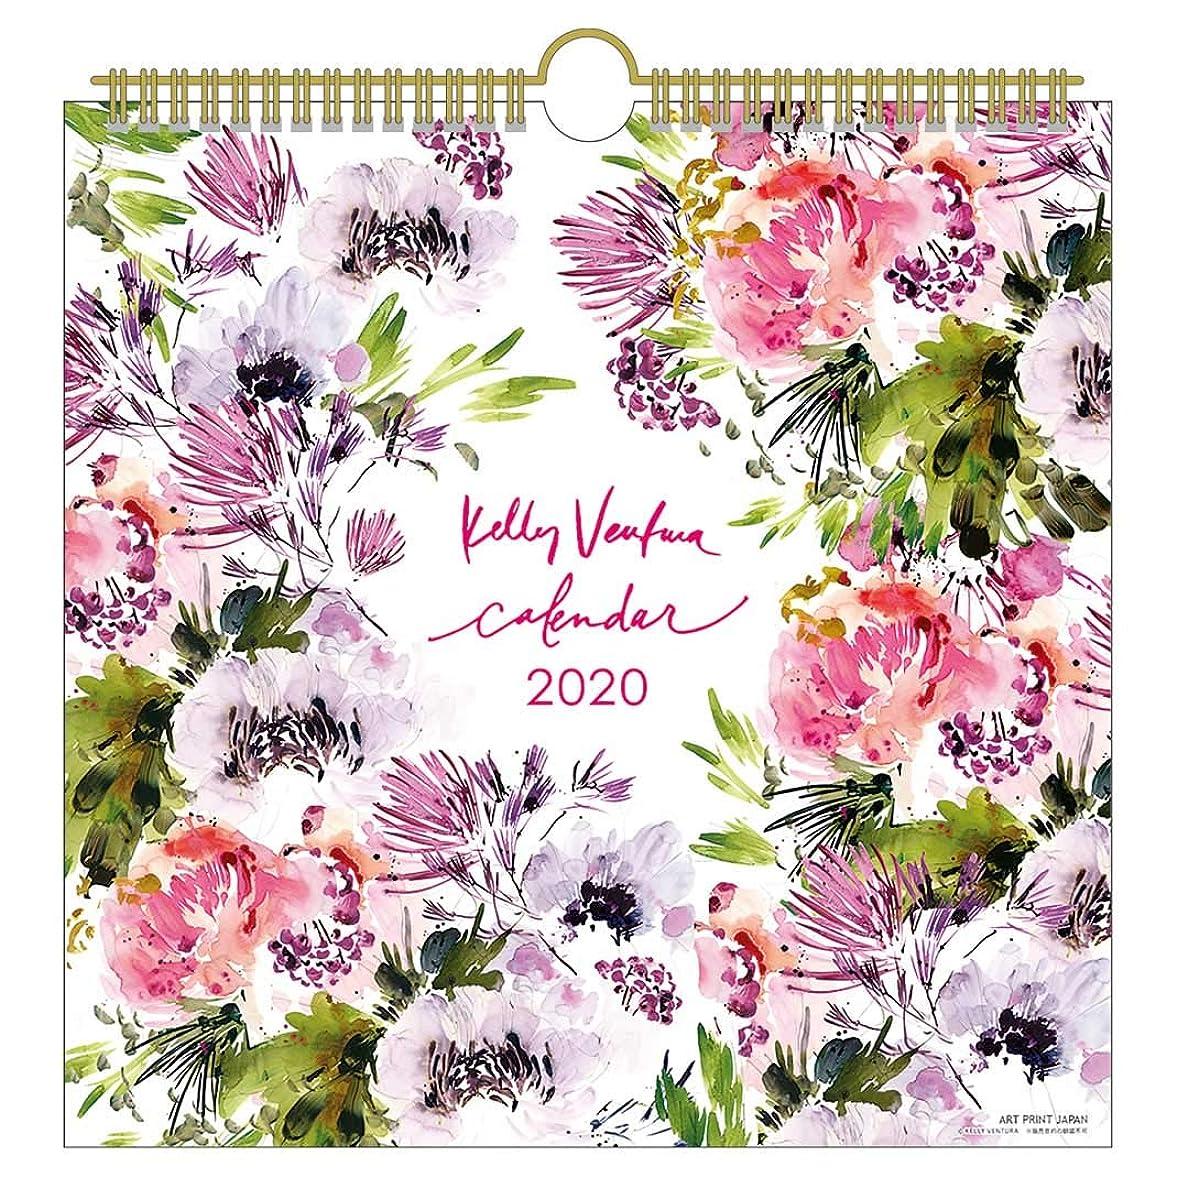 助けになる正確なごちそうアートプリントジャパン 2020年 ケリー?ベンチュラ(30角)カレンダー vol.103 1000109312